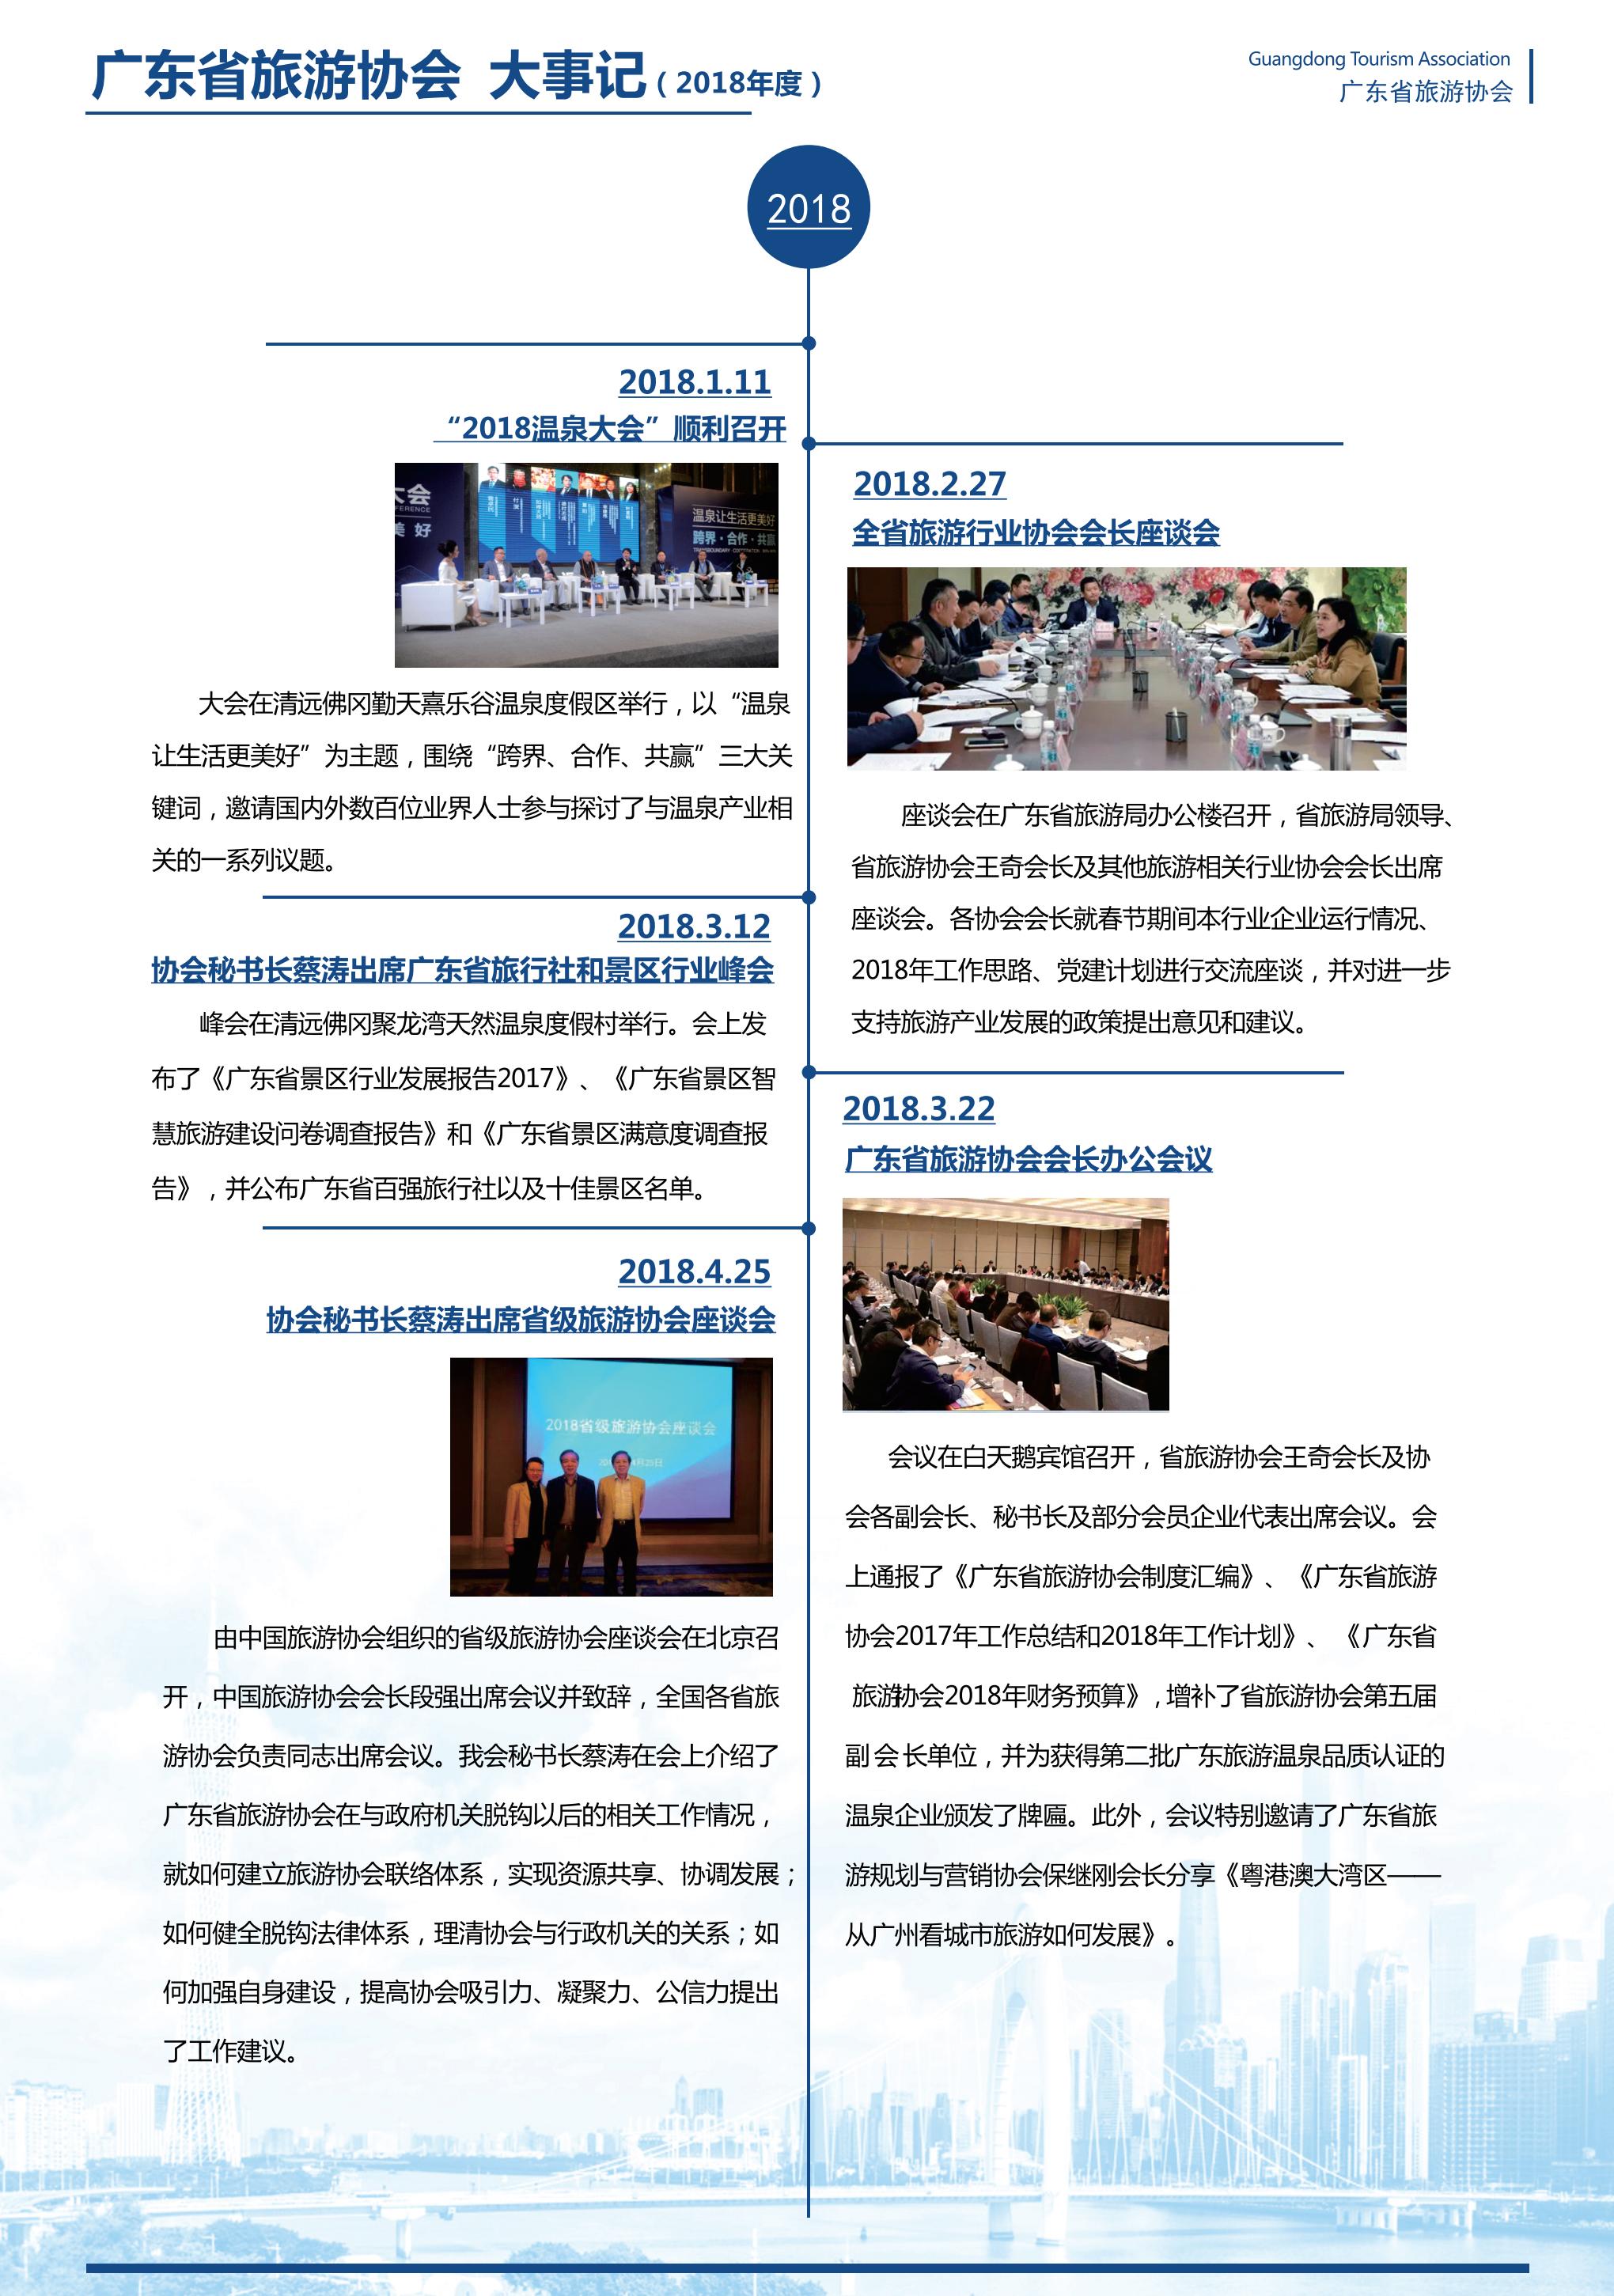 省旅游協會簡介_10